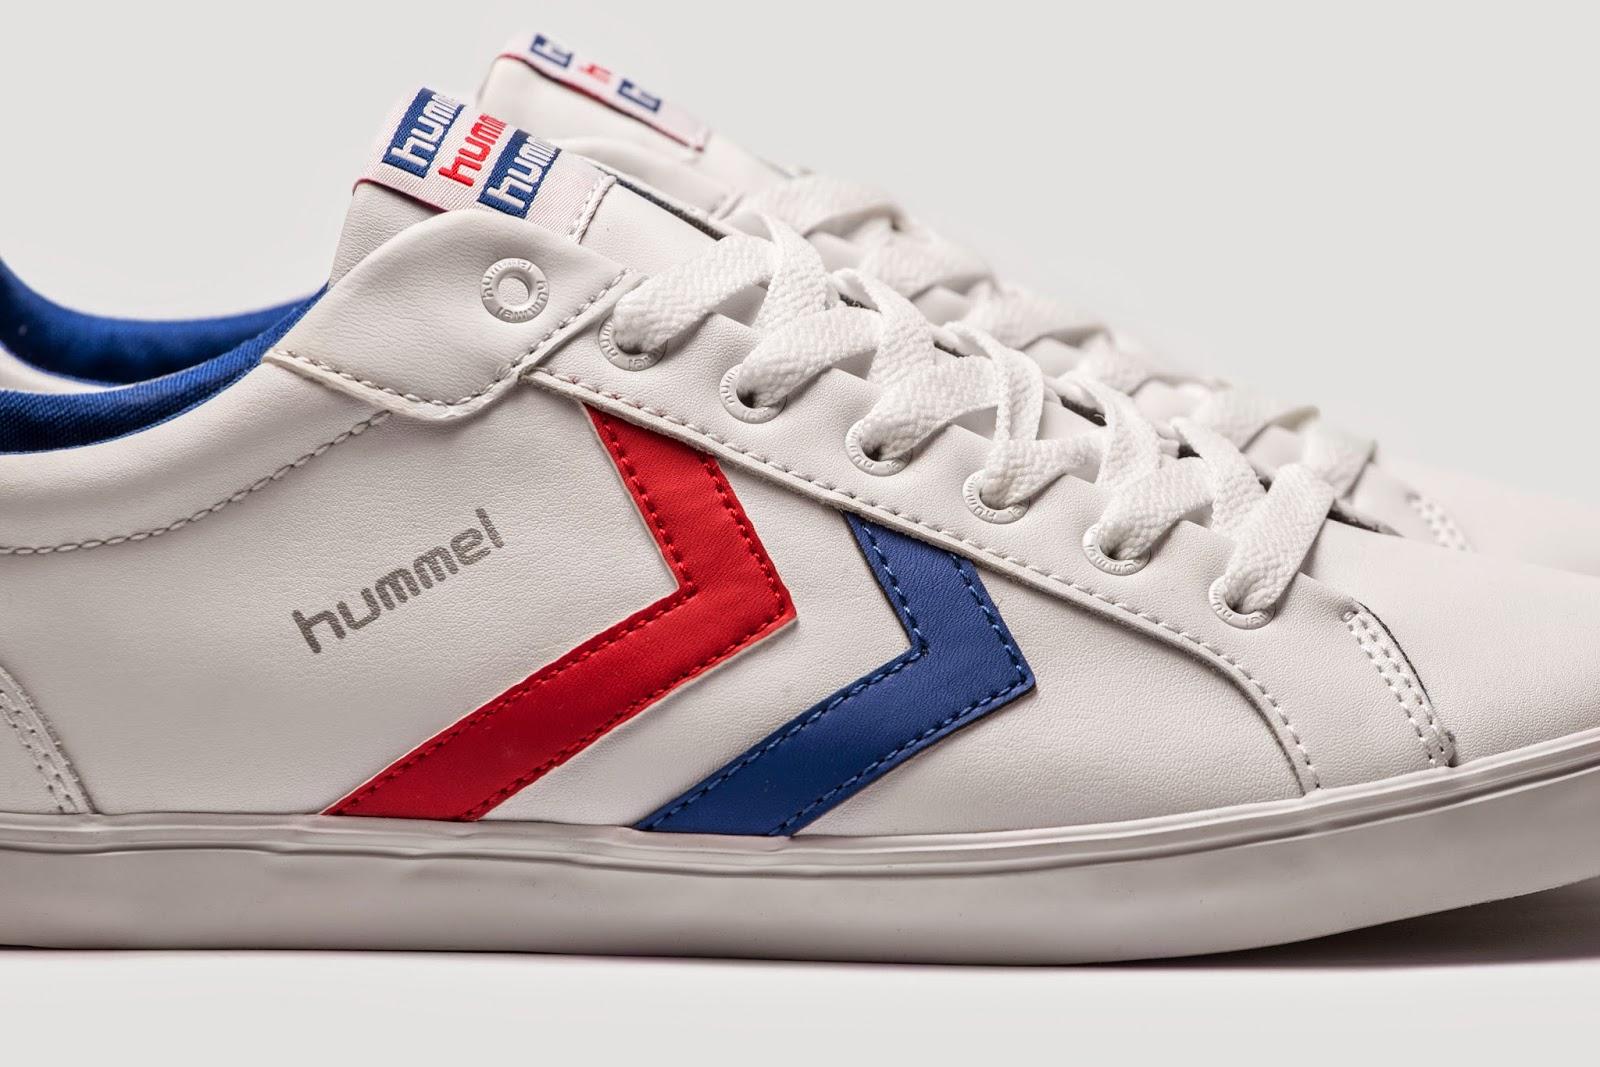 calzado, casual, Hummel, primavera verano, sports, sportwear, Spring 2015, Suits and Shirts, zapatillas, sneakers,